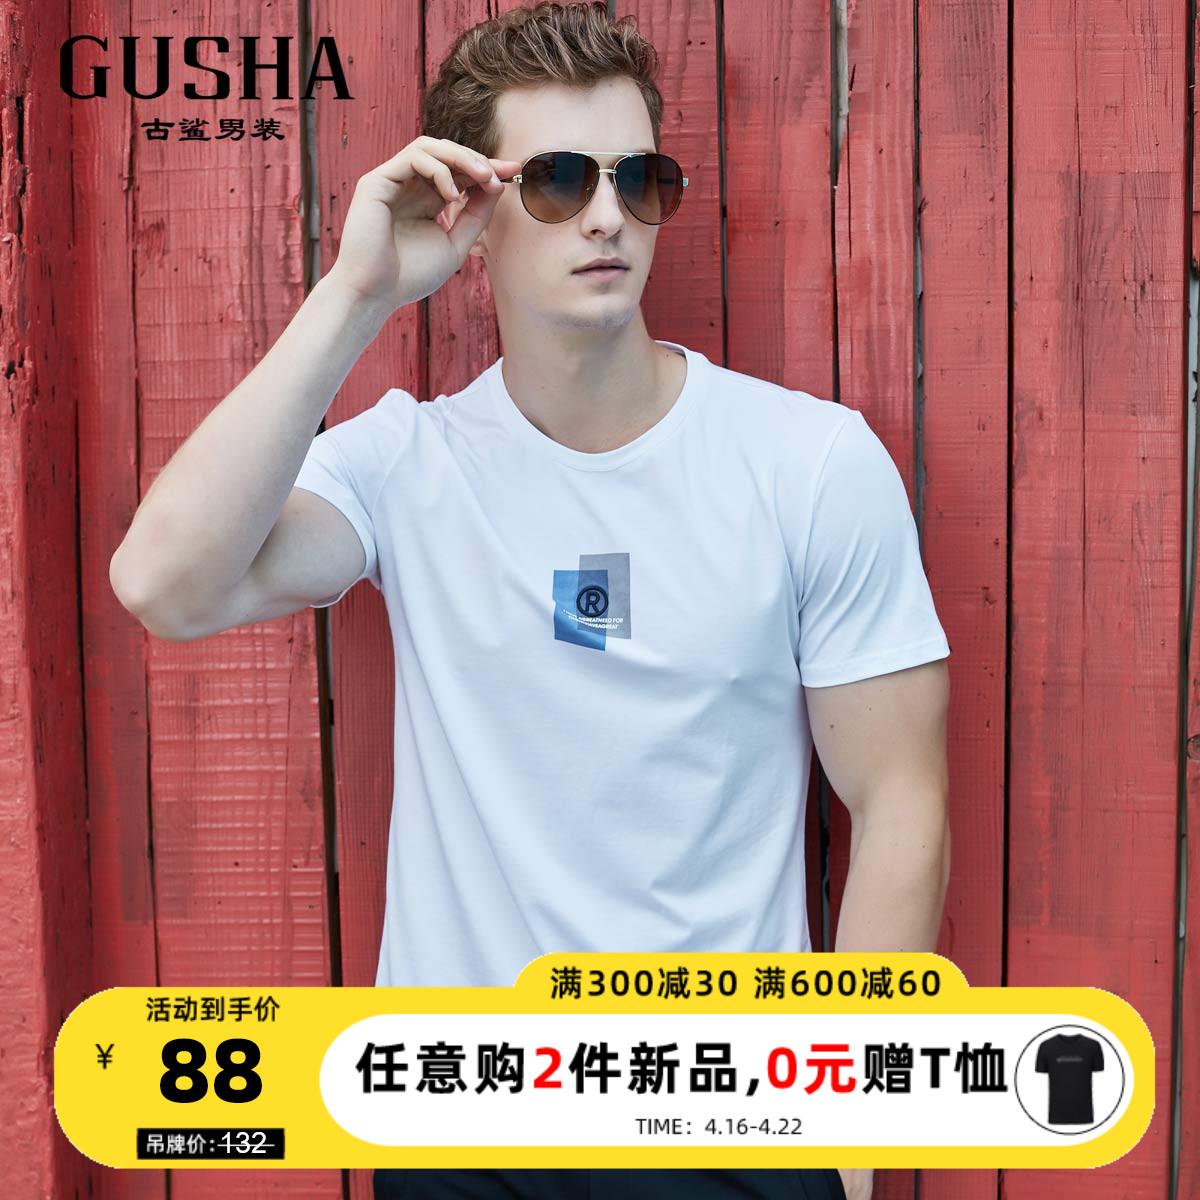 古鲨夏季新款白色圆领胸前两块蓝灰色块短袖T恤03628817